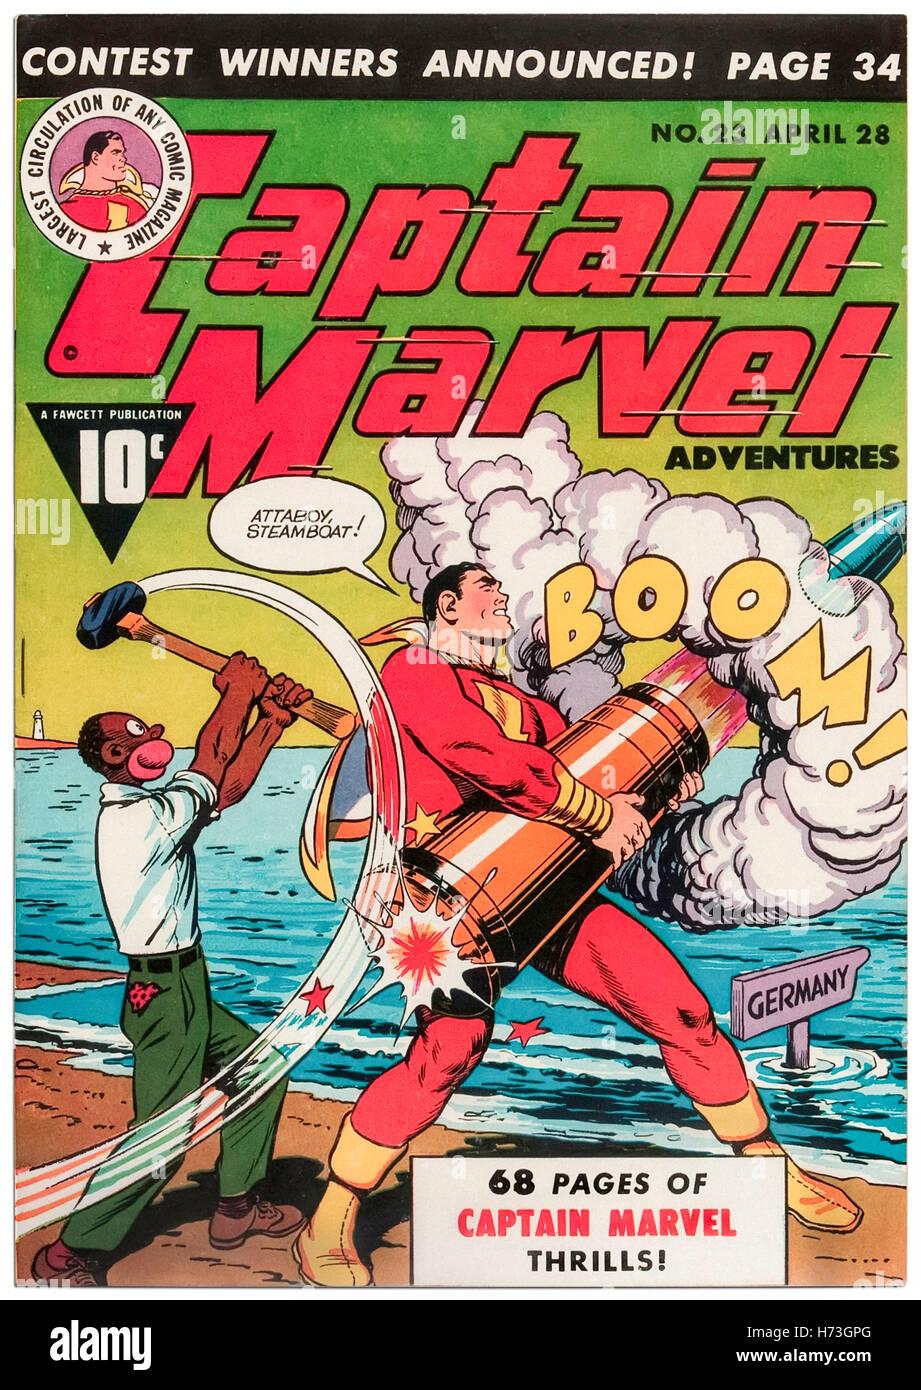 Captain Marvel Adventures Numéro 23 avril 1943, avec couverture par C. C. Beck (1910-1989) publié par Photo Stock